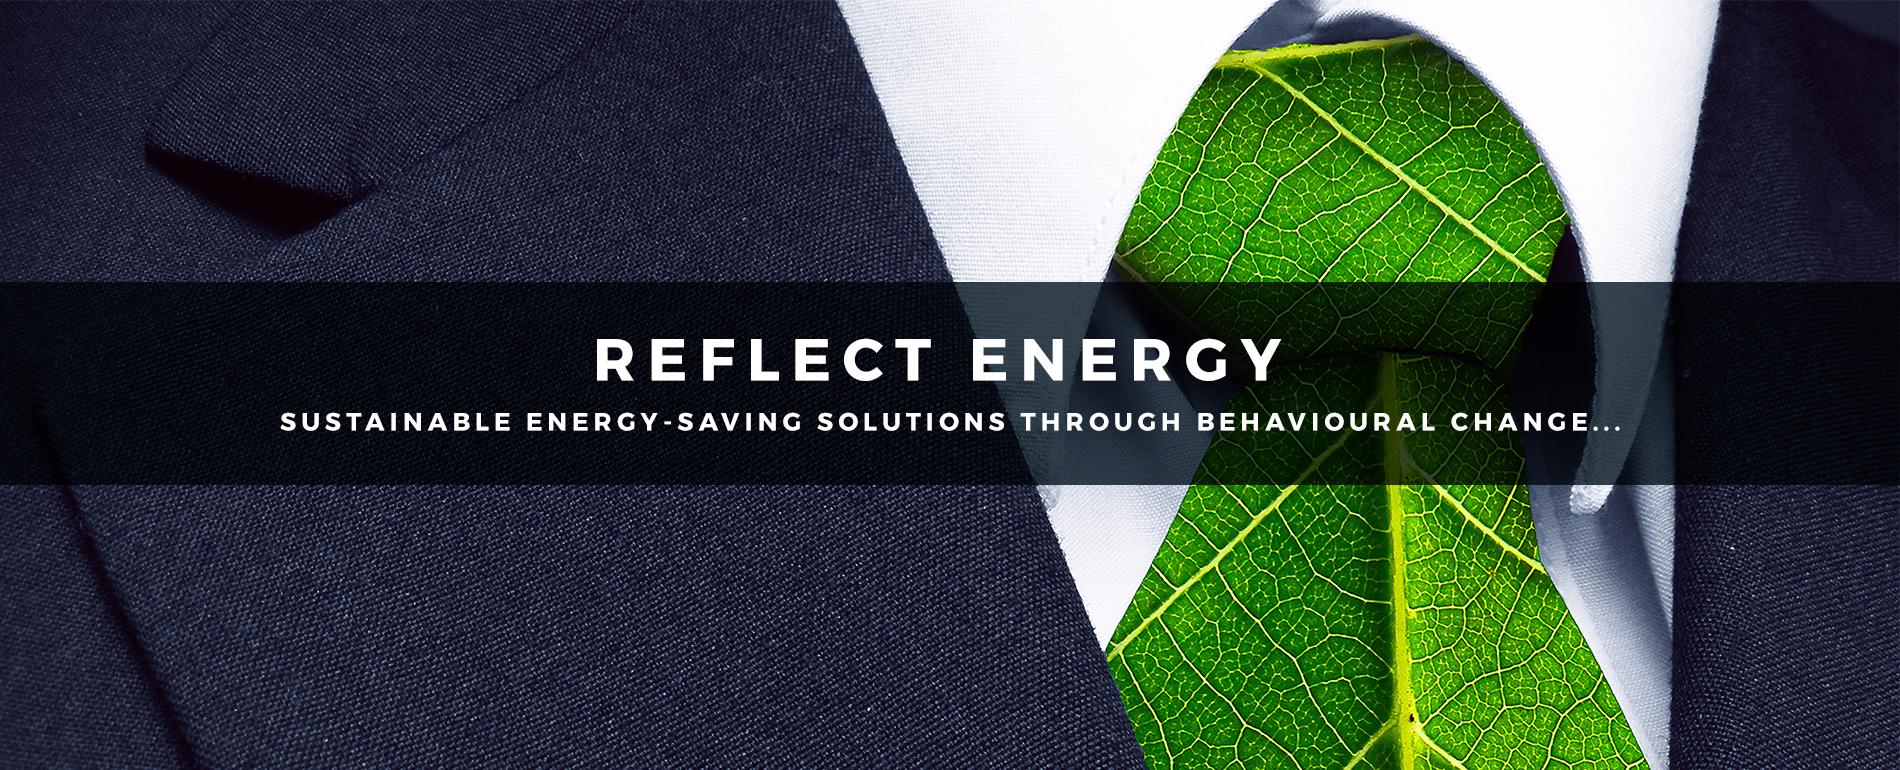 Reflect Energy